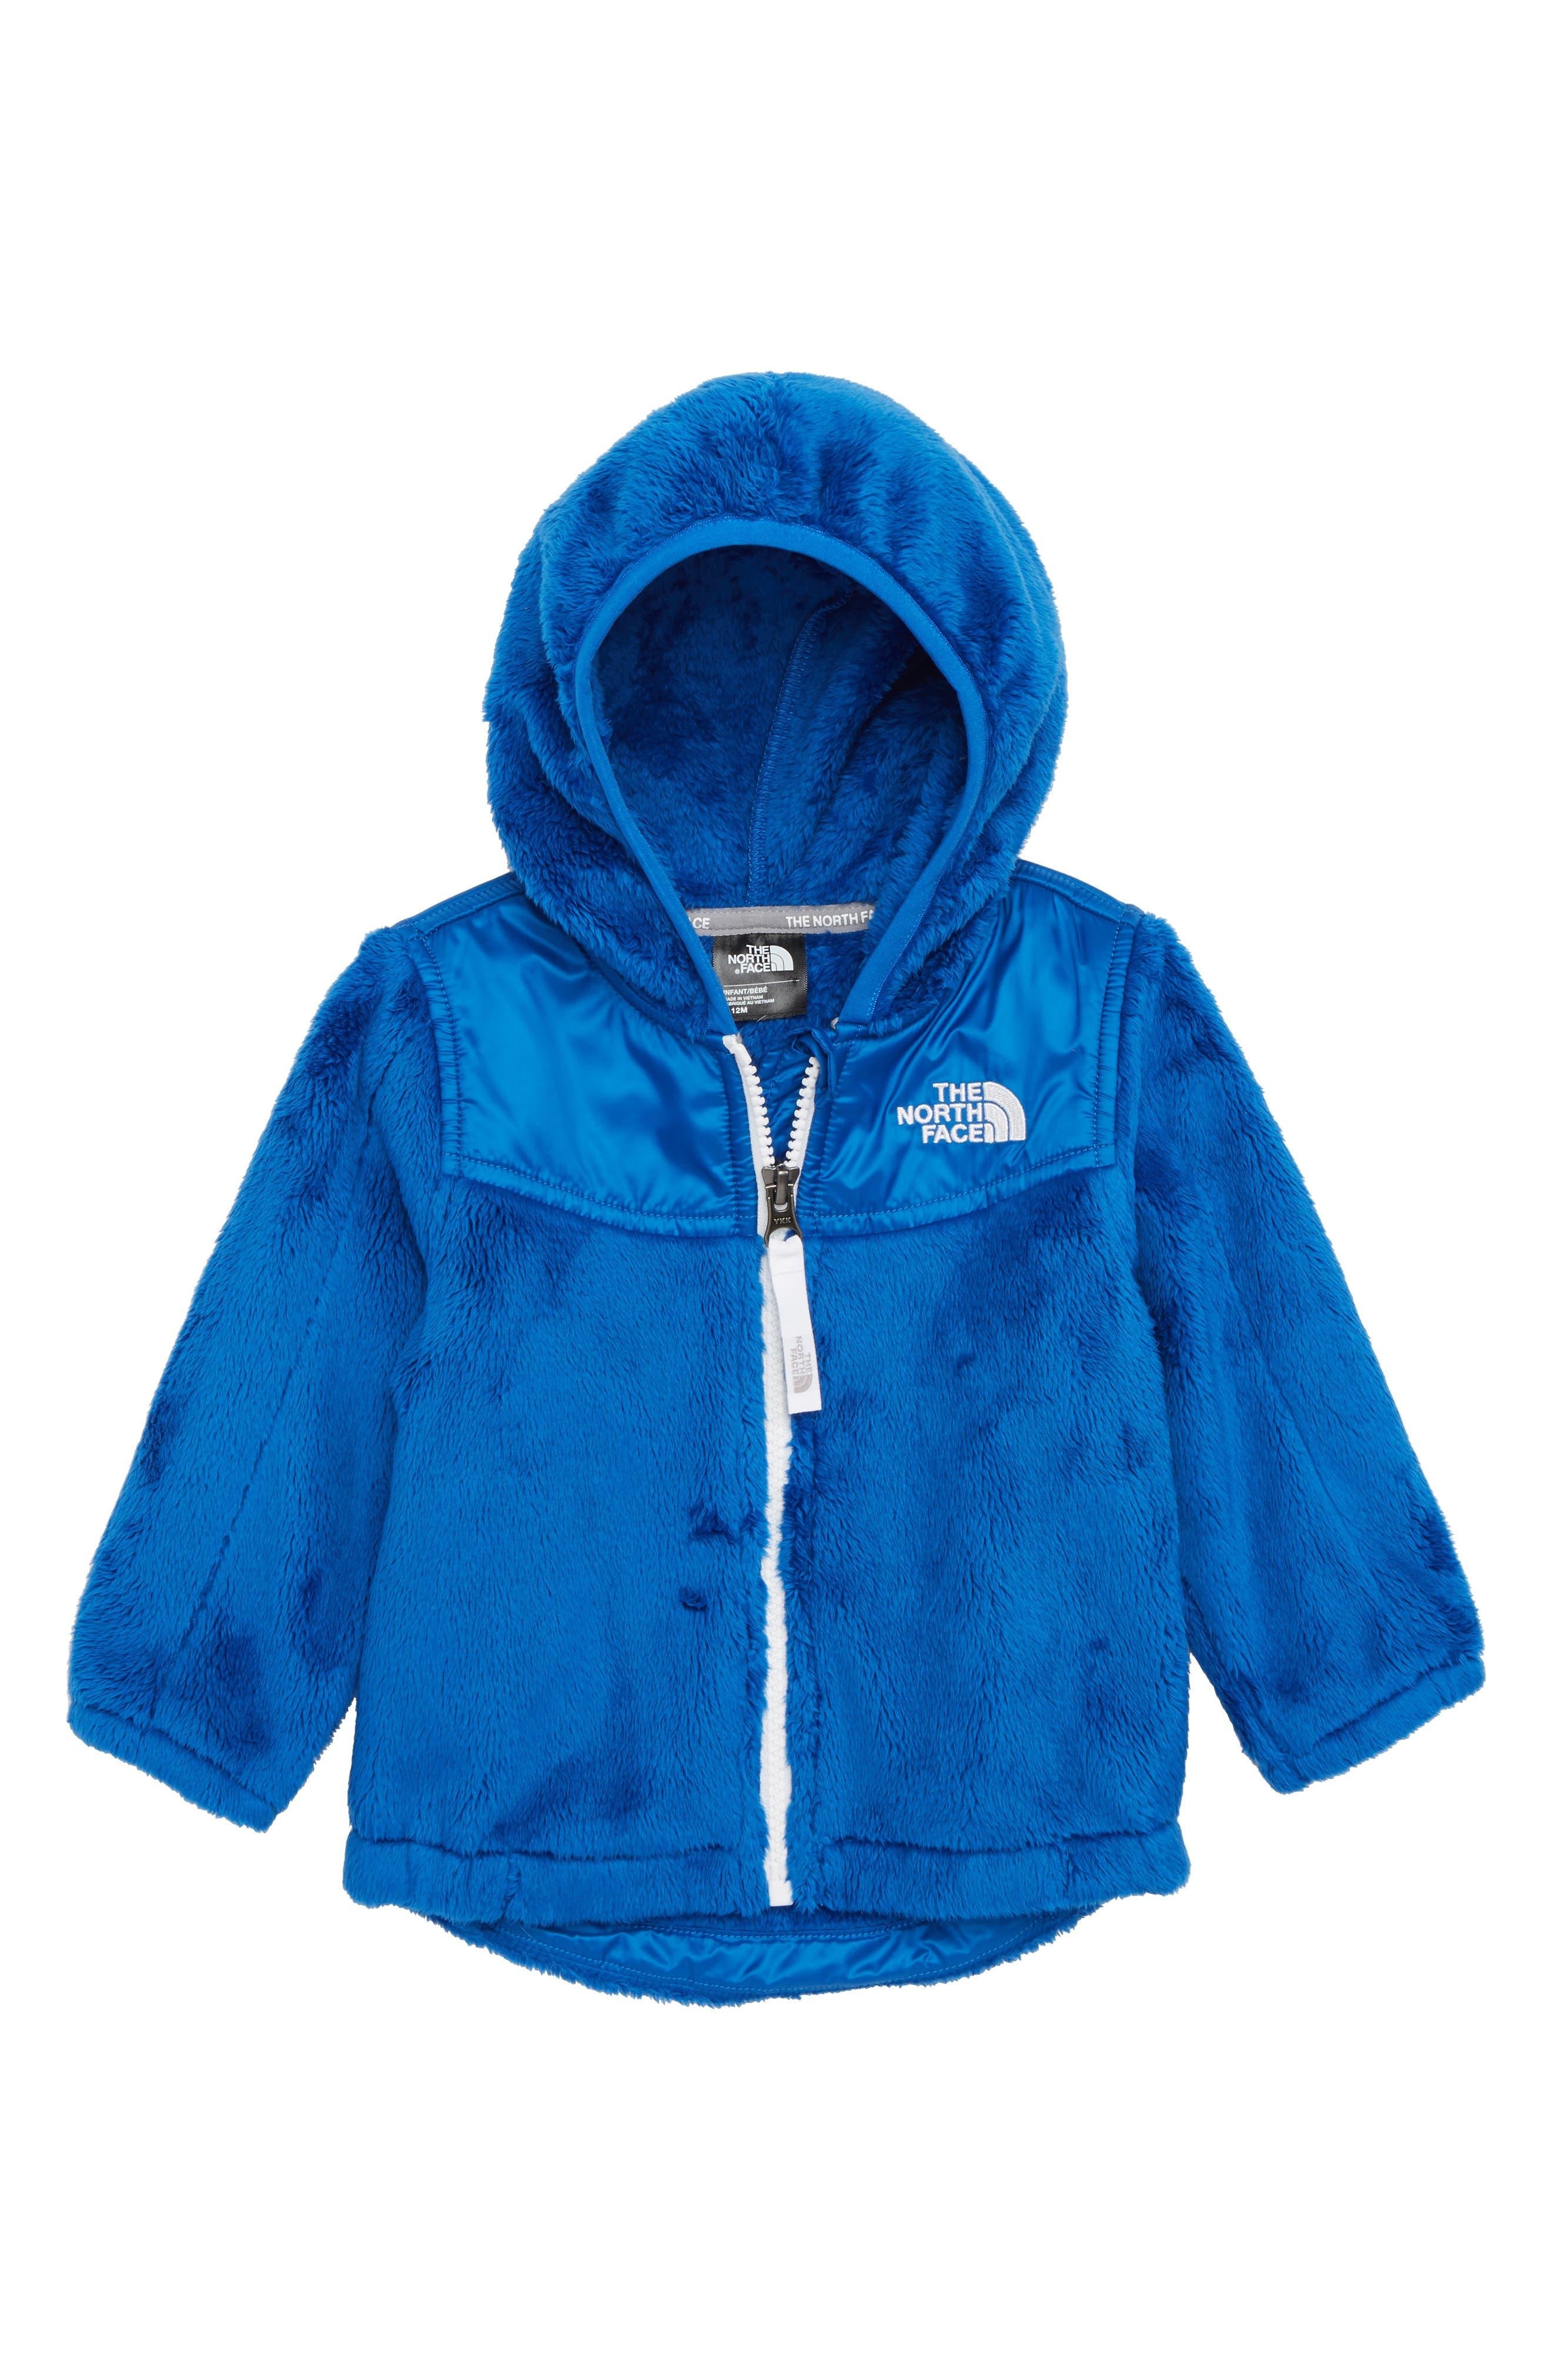 Oso Fleece Hooded Jacket,                             Main thumbnail 1, color,                             401